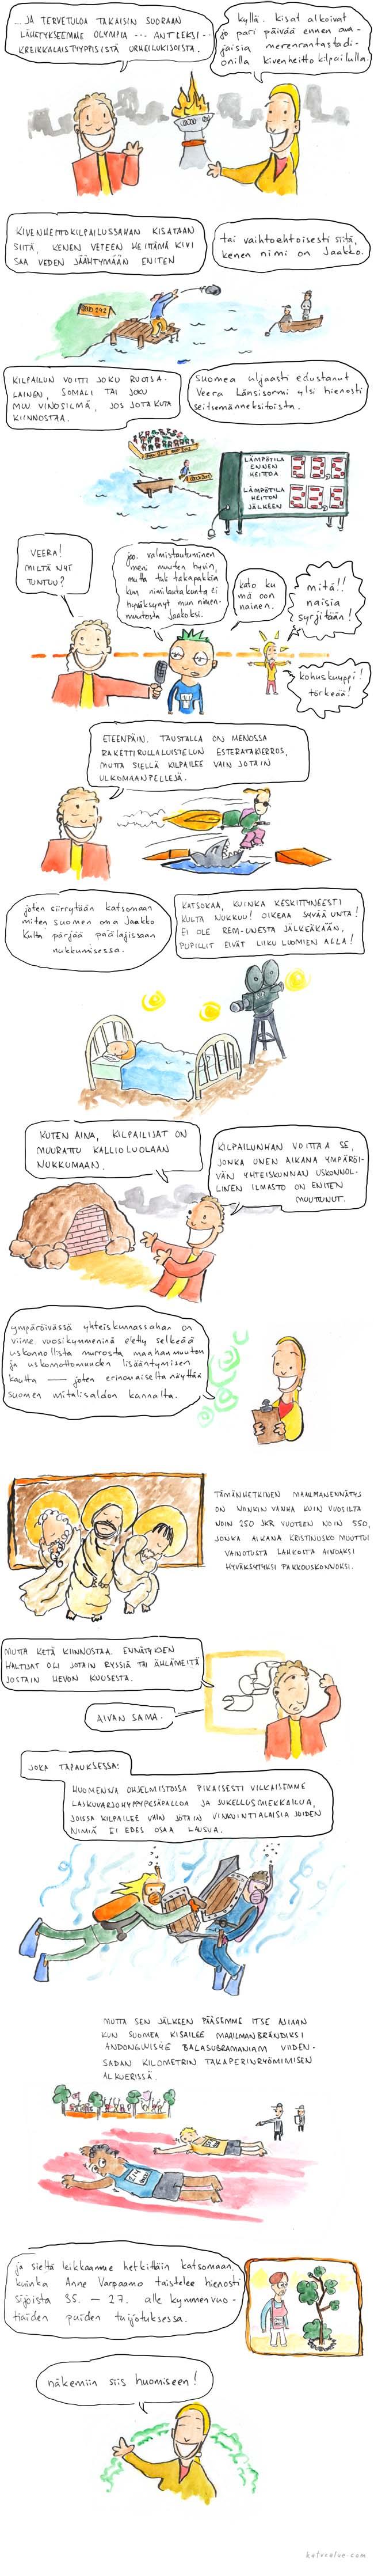 Kreikkalaistyyppiset kisat